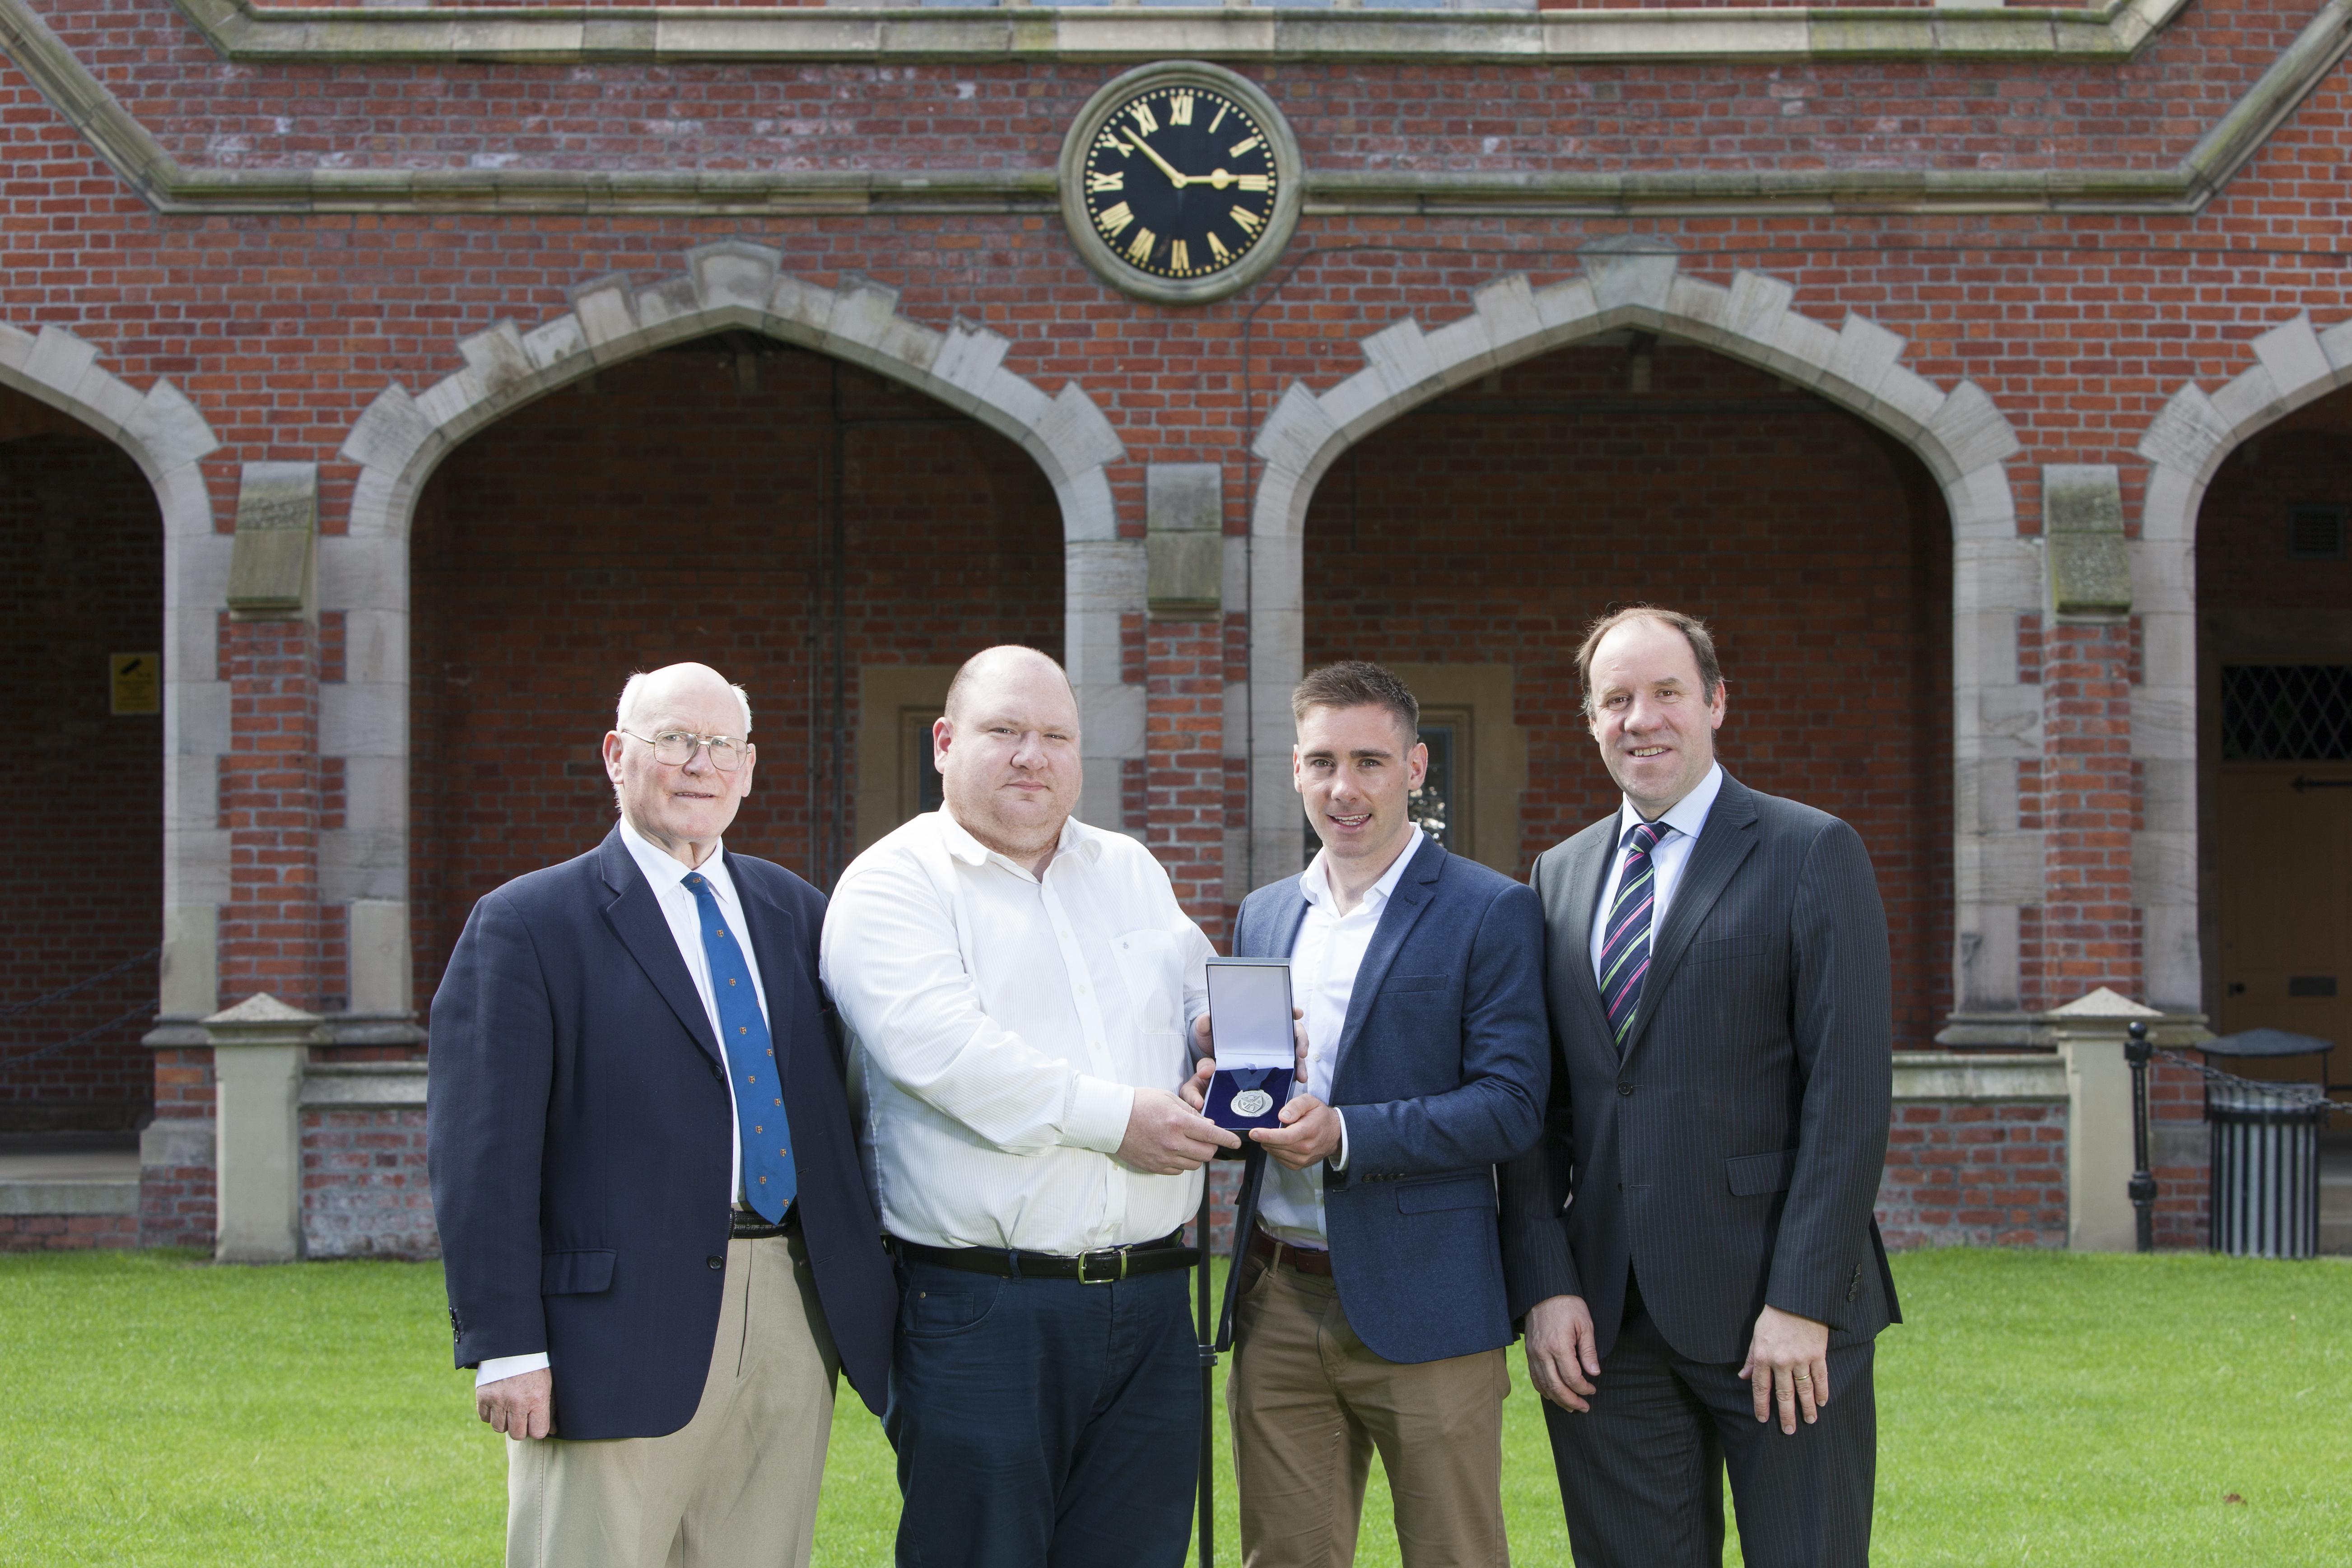 Martin O'Reilly Awarded the 2017 Cormac McAnallen Medal